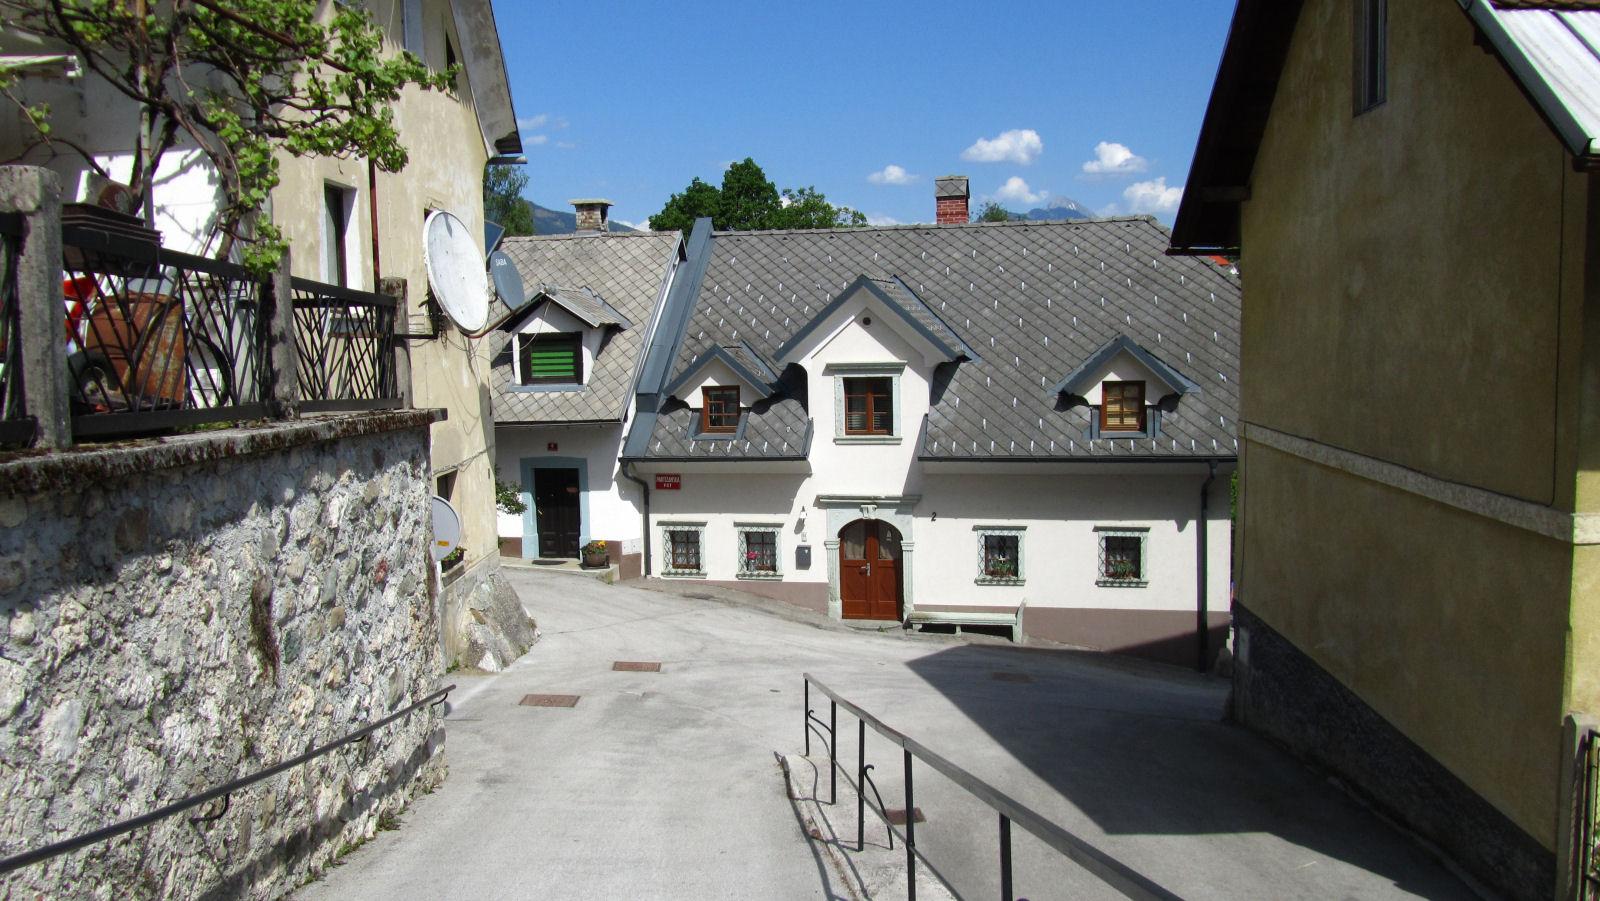 radovljica-medieval-old-town-8444